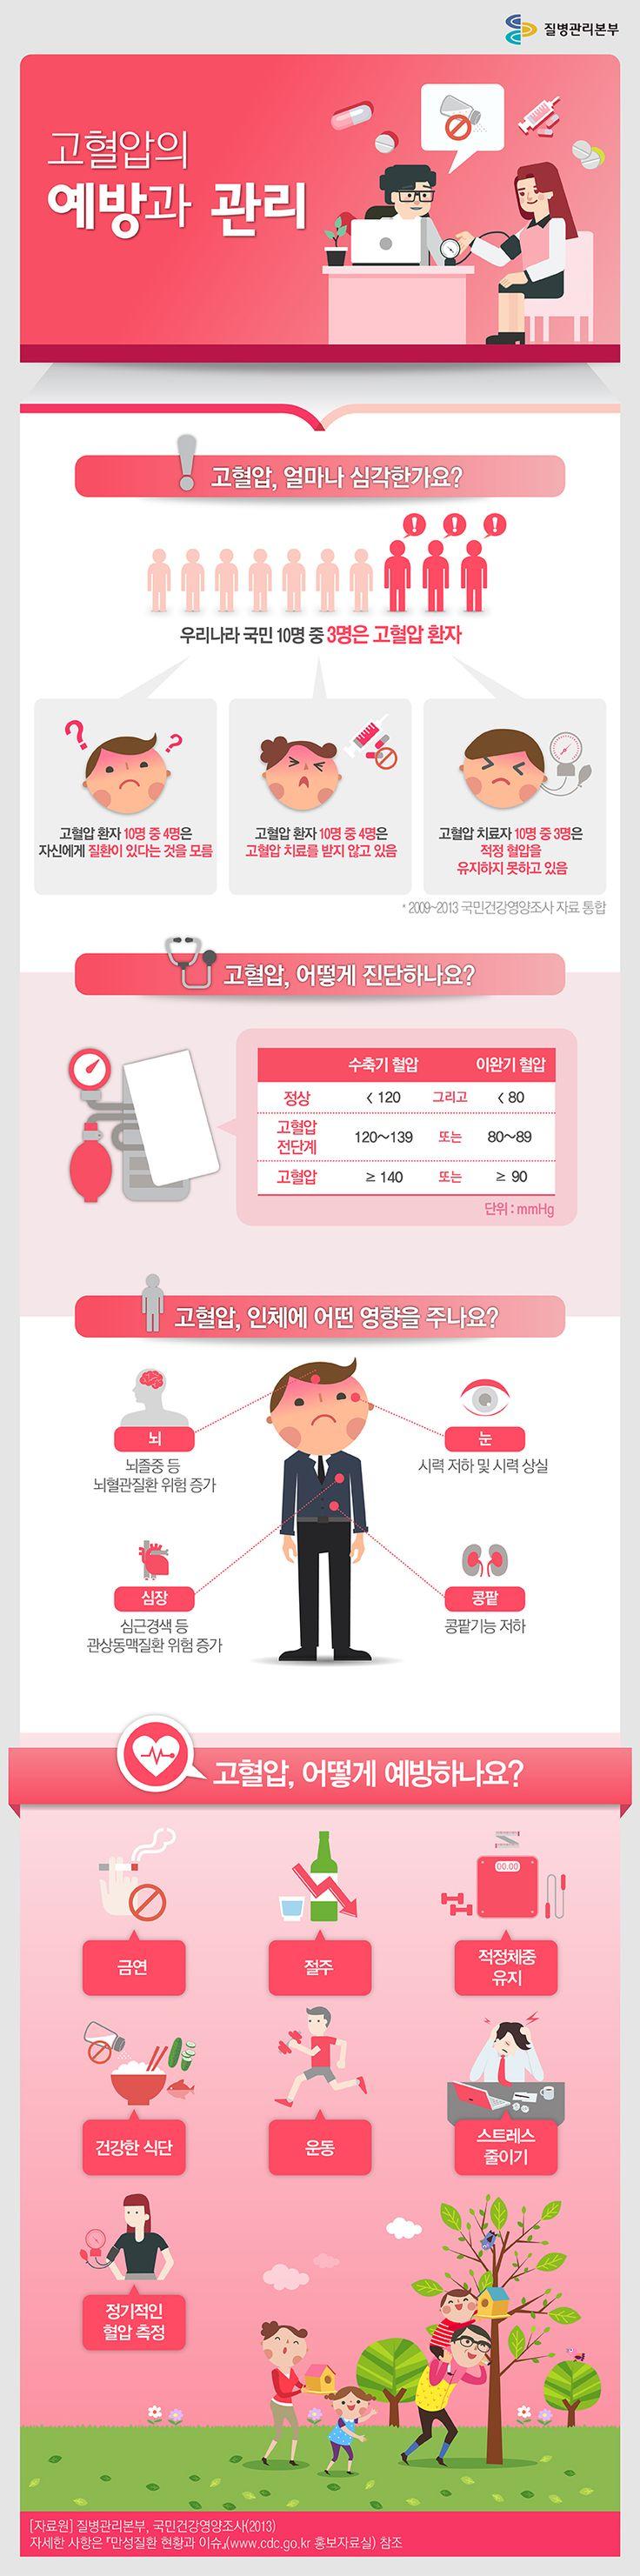 (테스트) 고혈압 예방 관리 인포그래픽 infographic